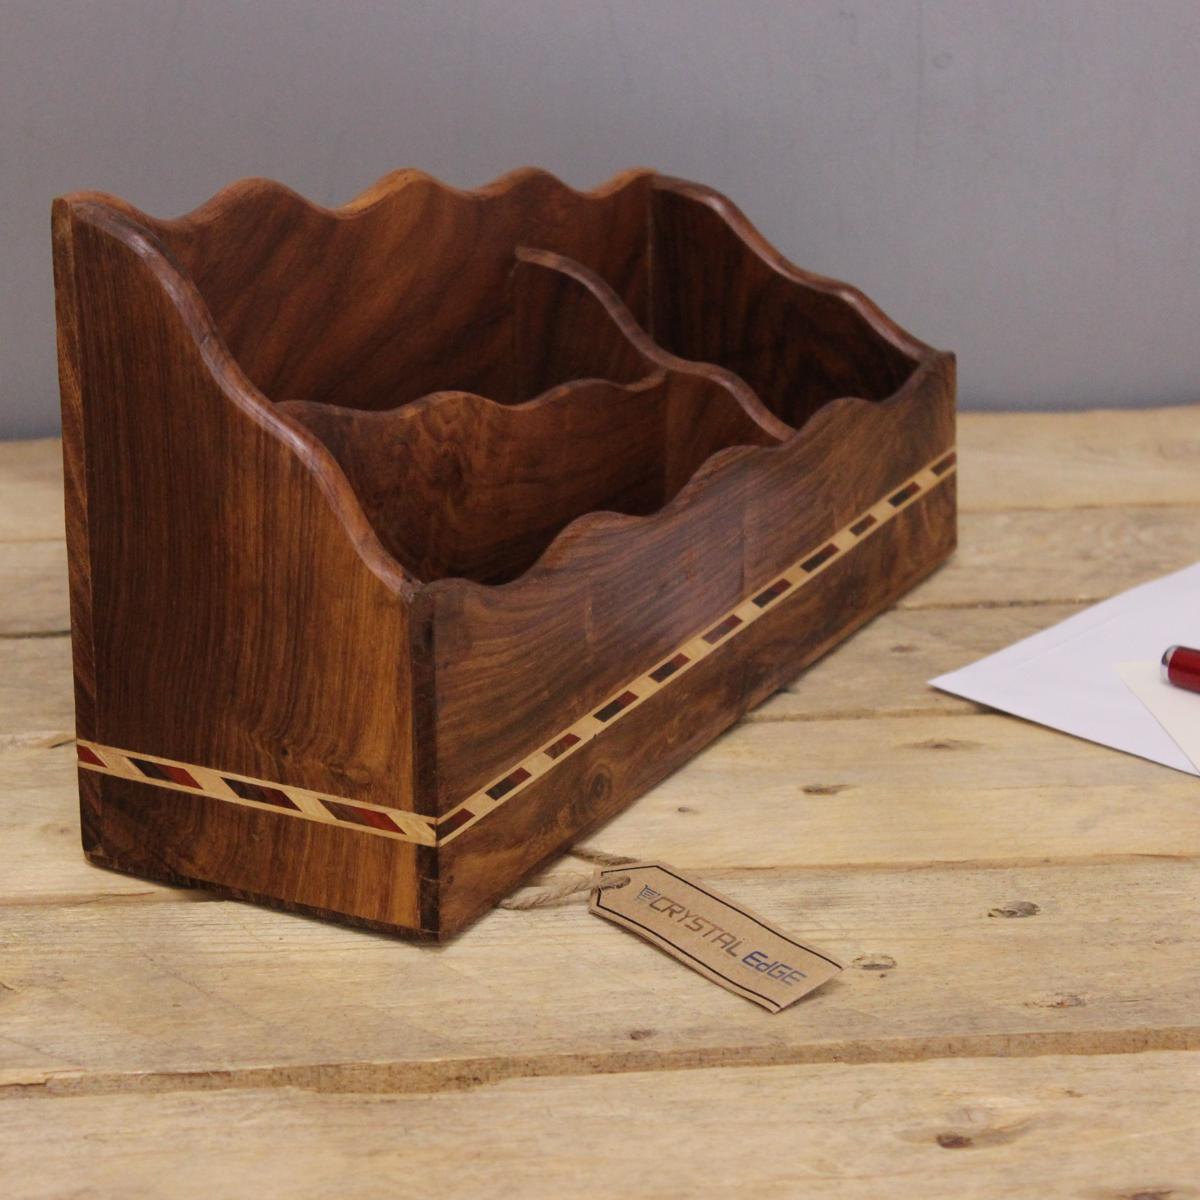 Regal Für Briefe : Lachin box für briefe regal mit holz sheesham detail